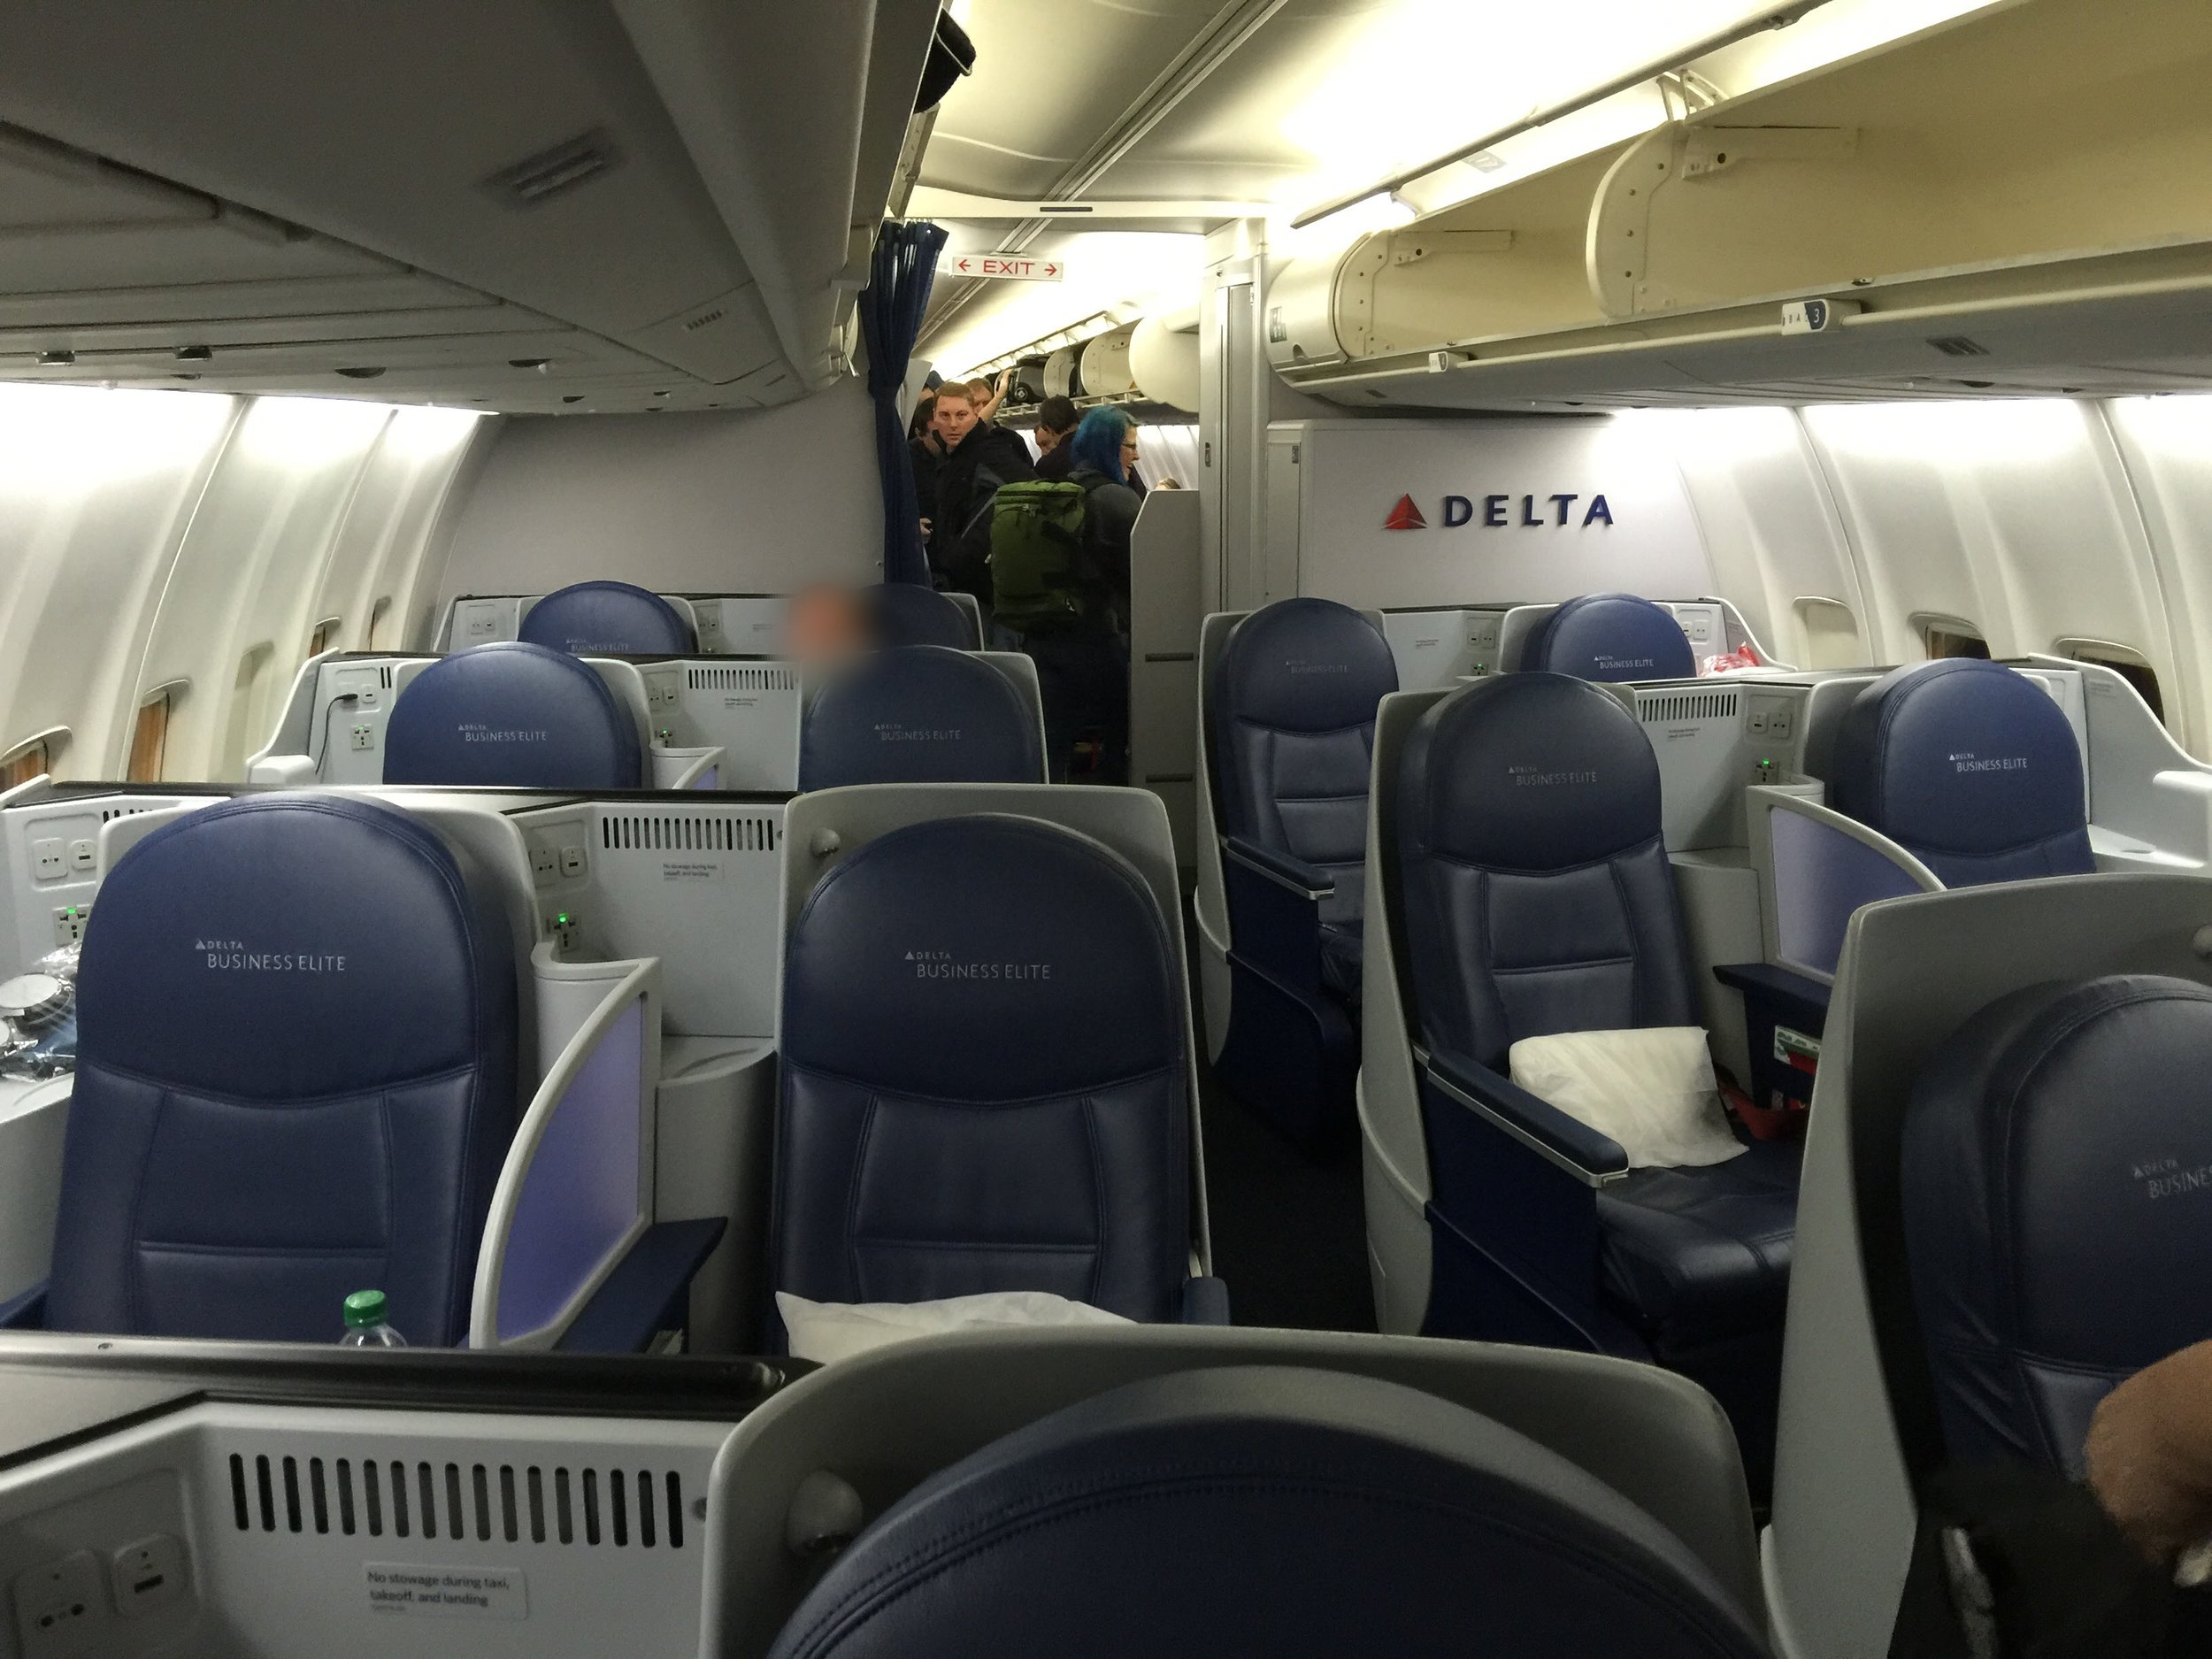 757-200 (75S) - Delta One: 16 SeatsDelta Comfort+: 44 SeatsMain Cabin: 108 Seats